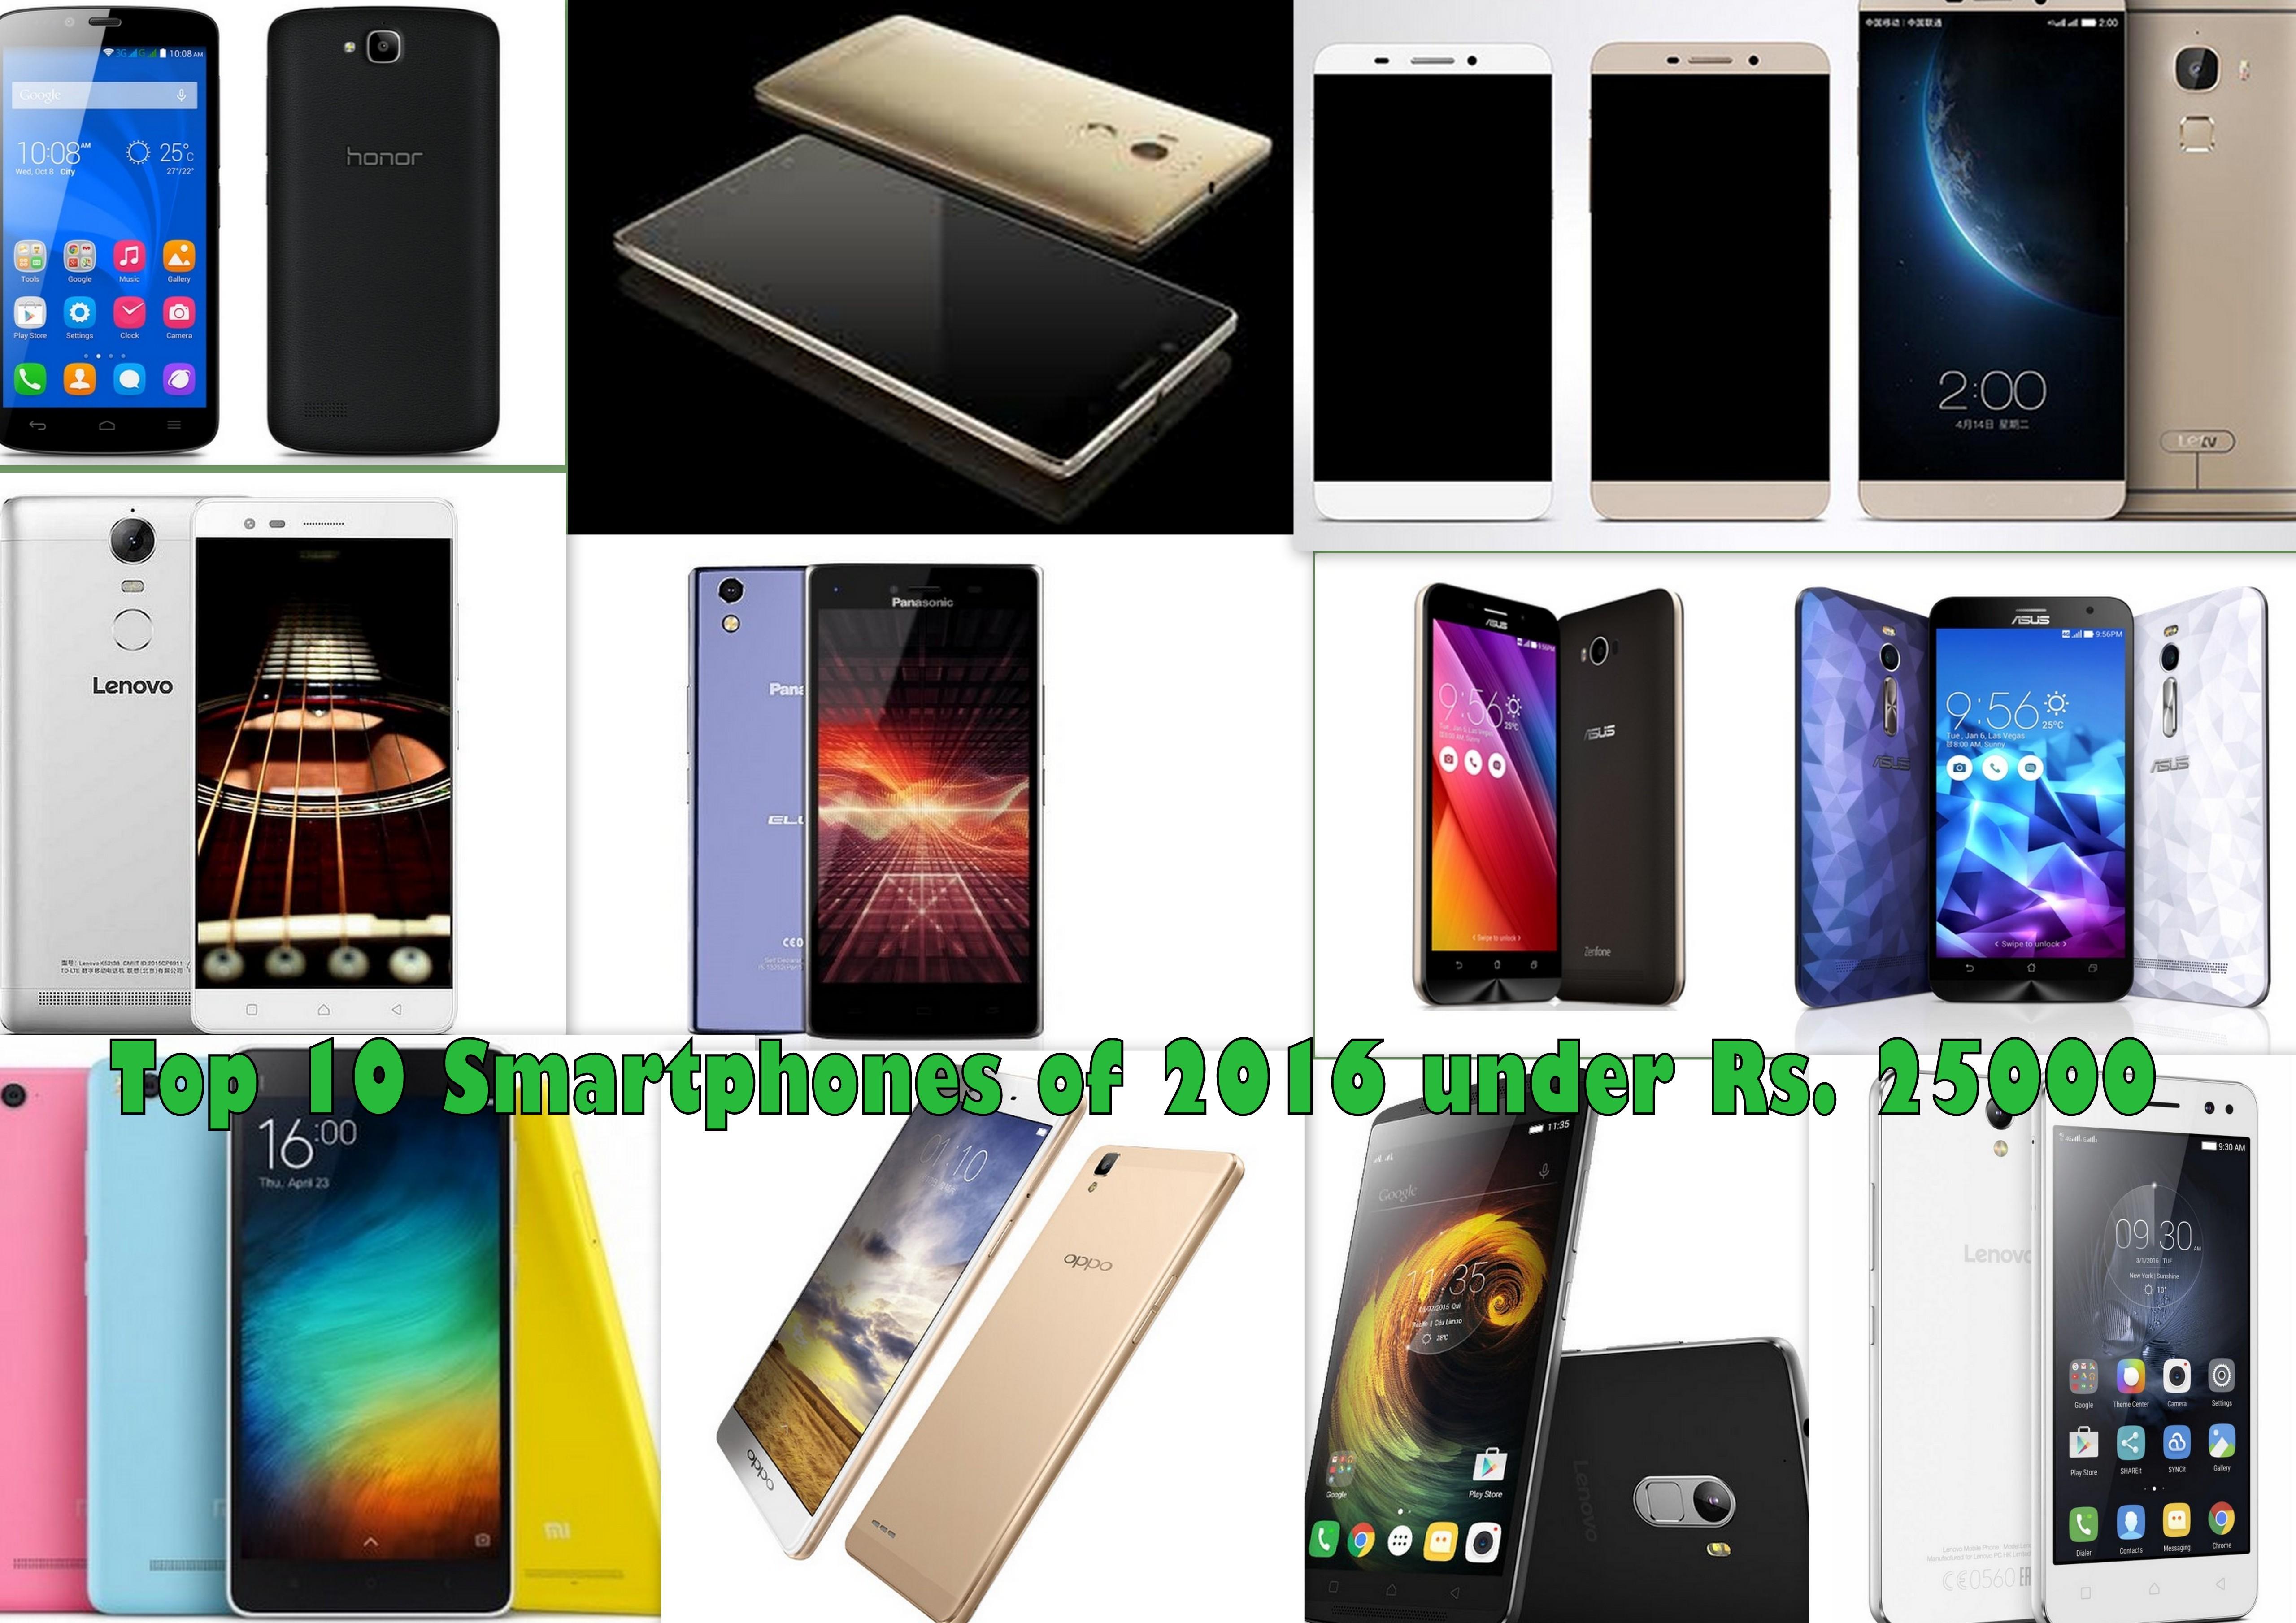 Best 10 Smartphones of 2016 under Rs. 25000